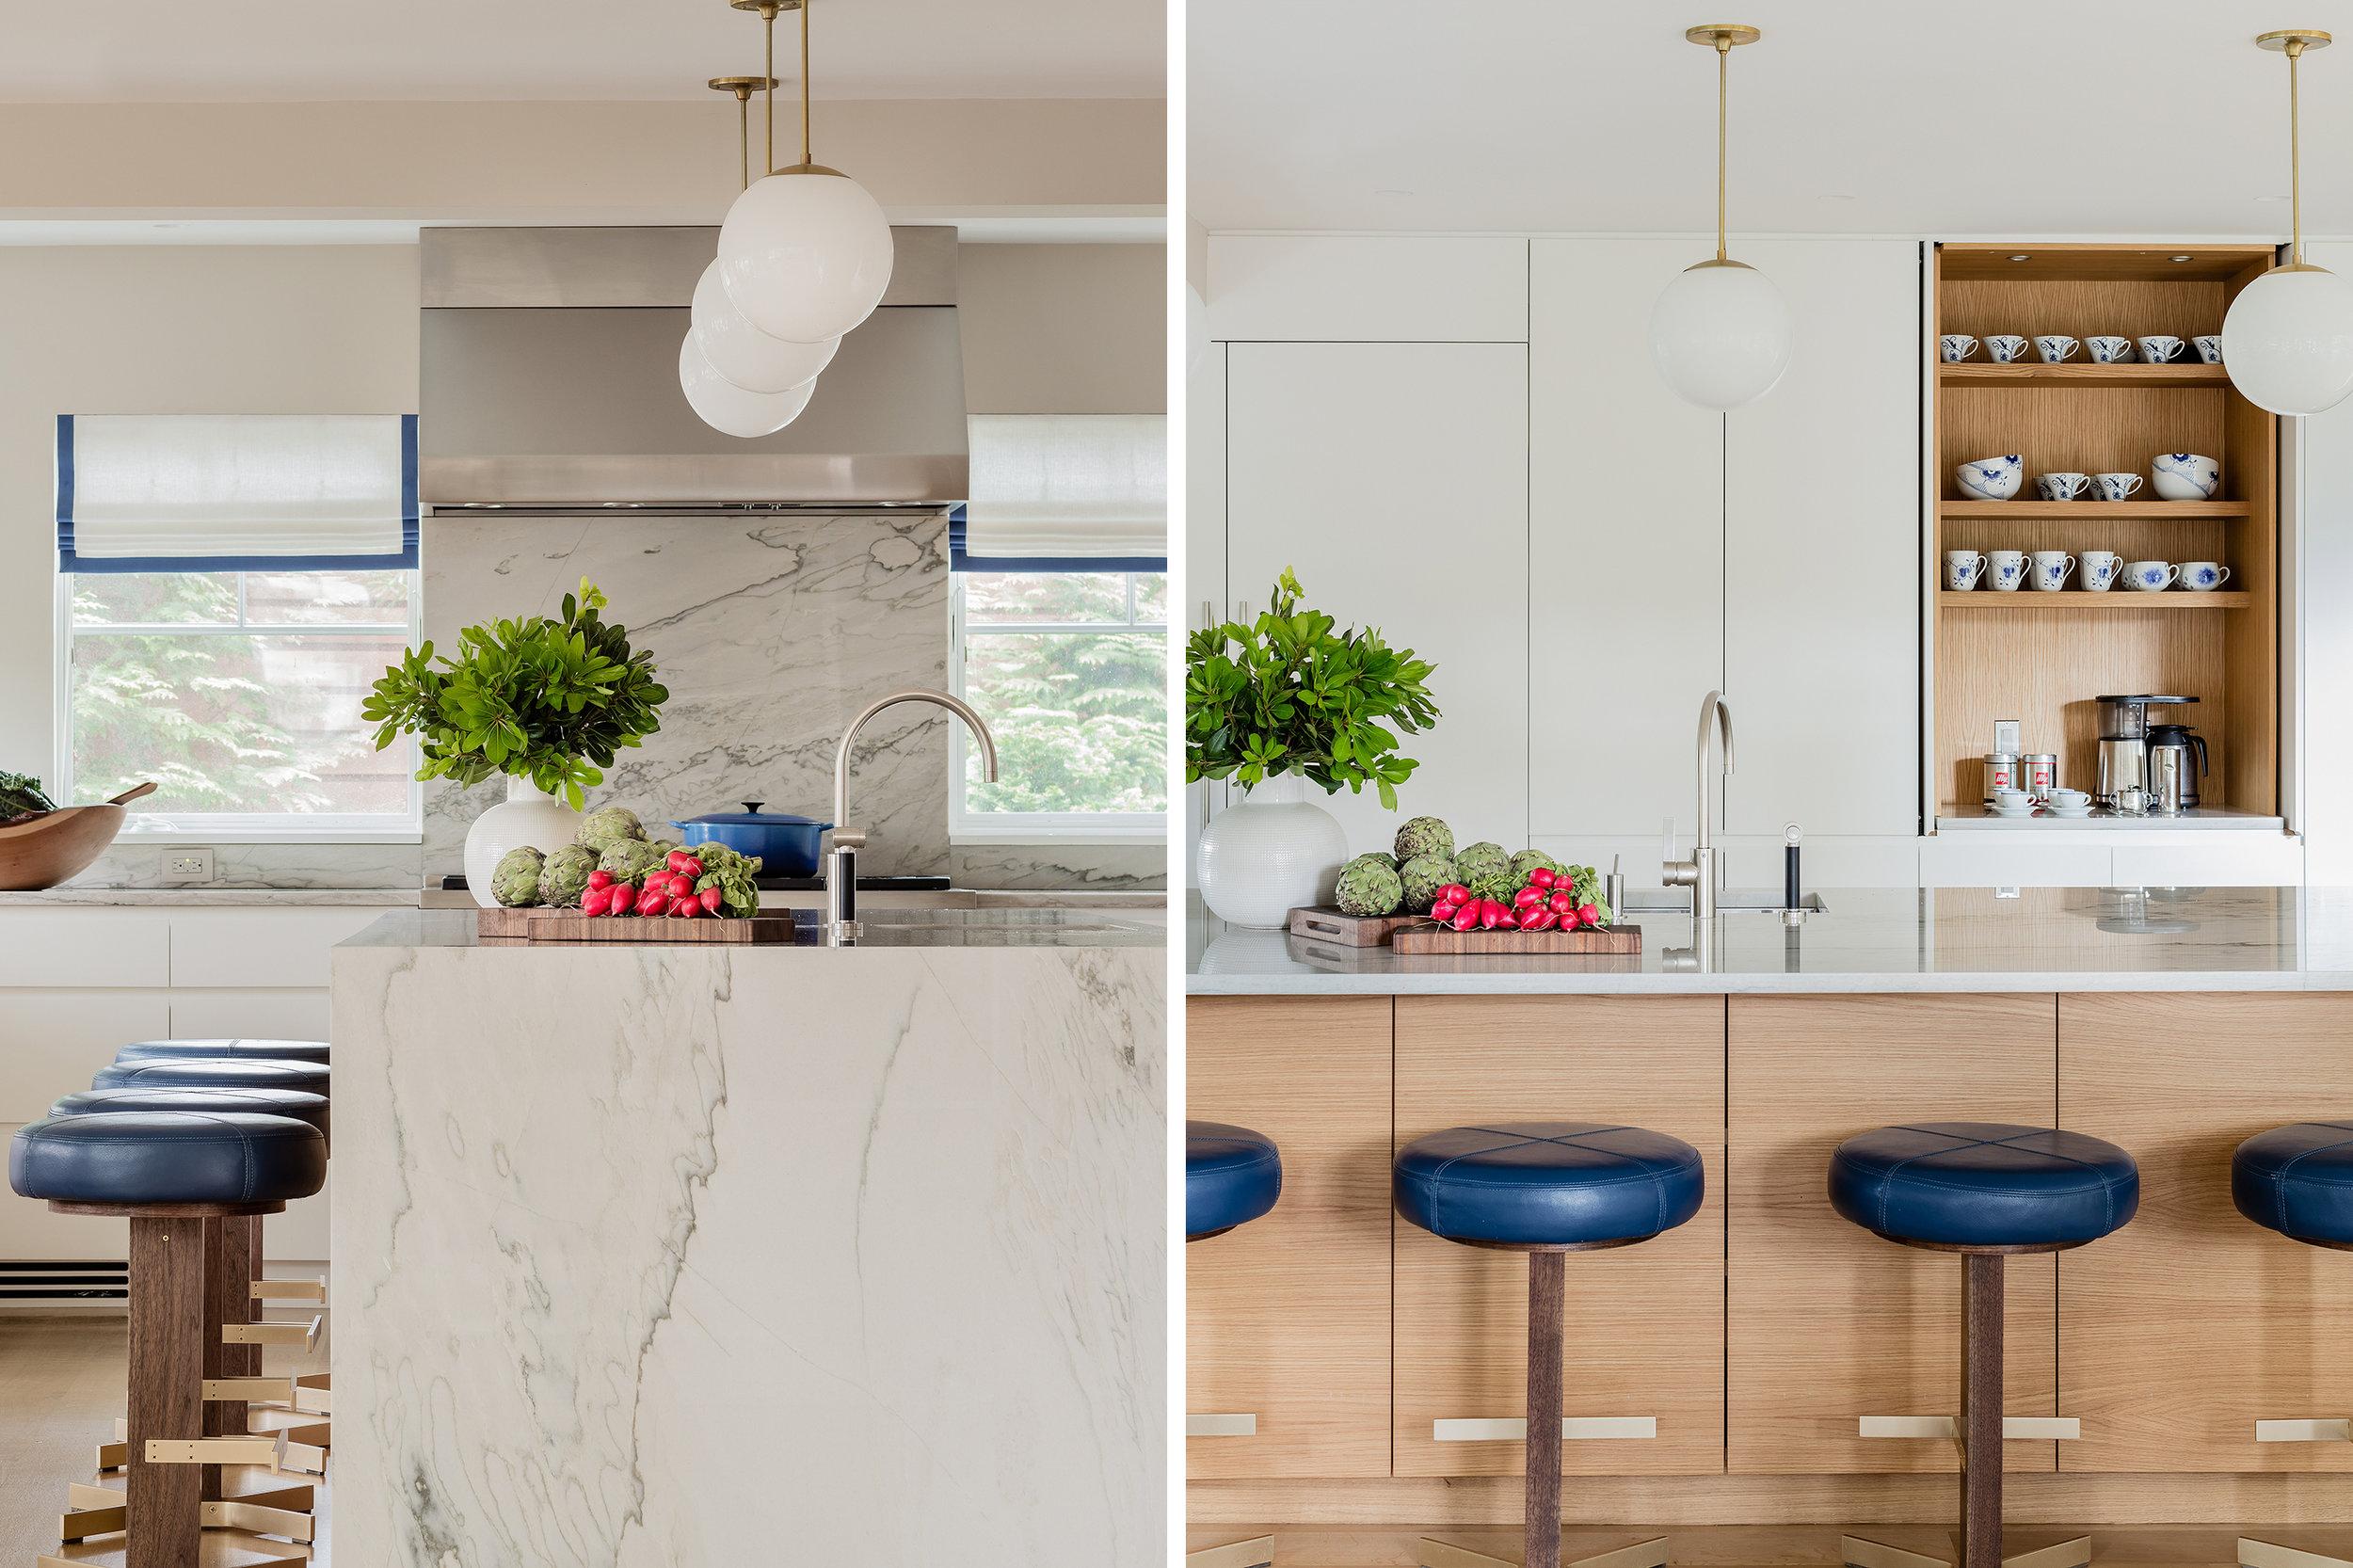 kitchen-side-by-side.jpg